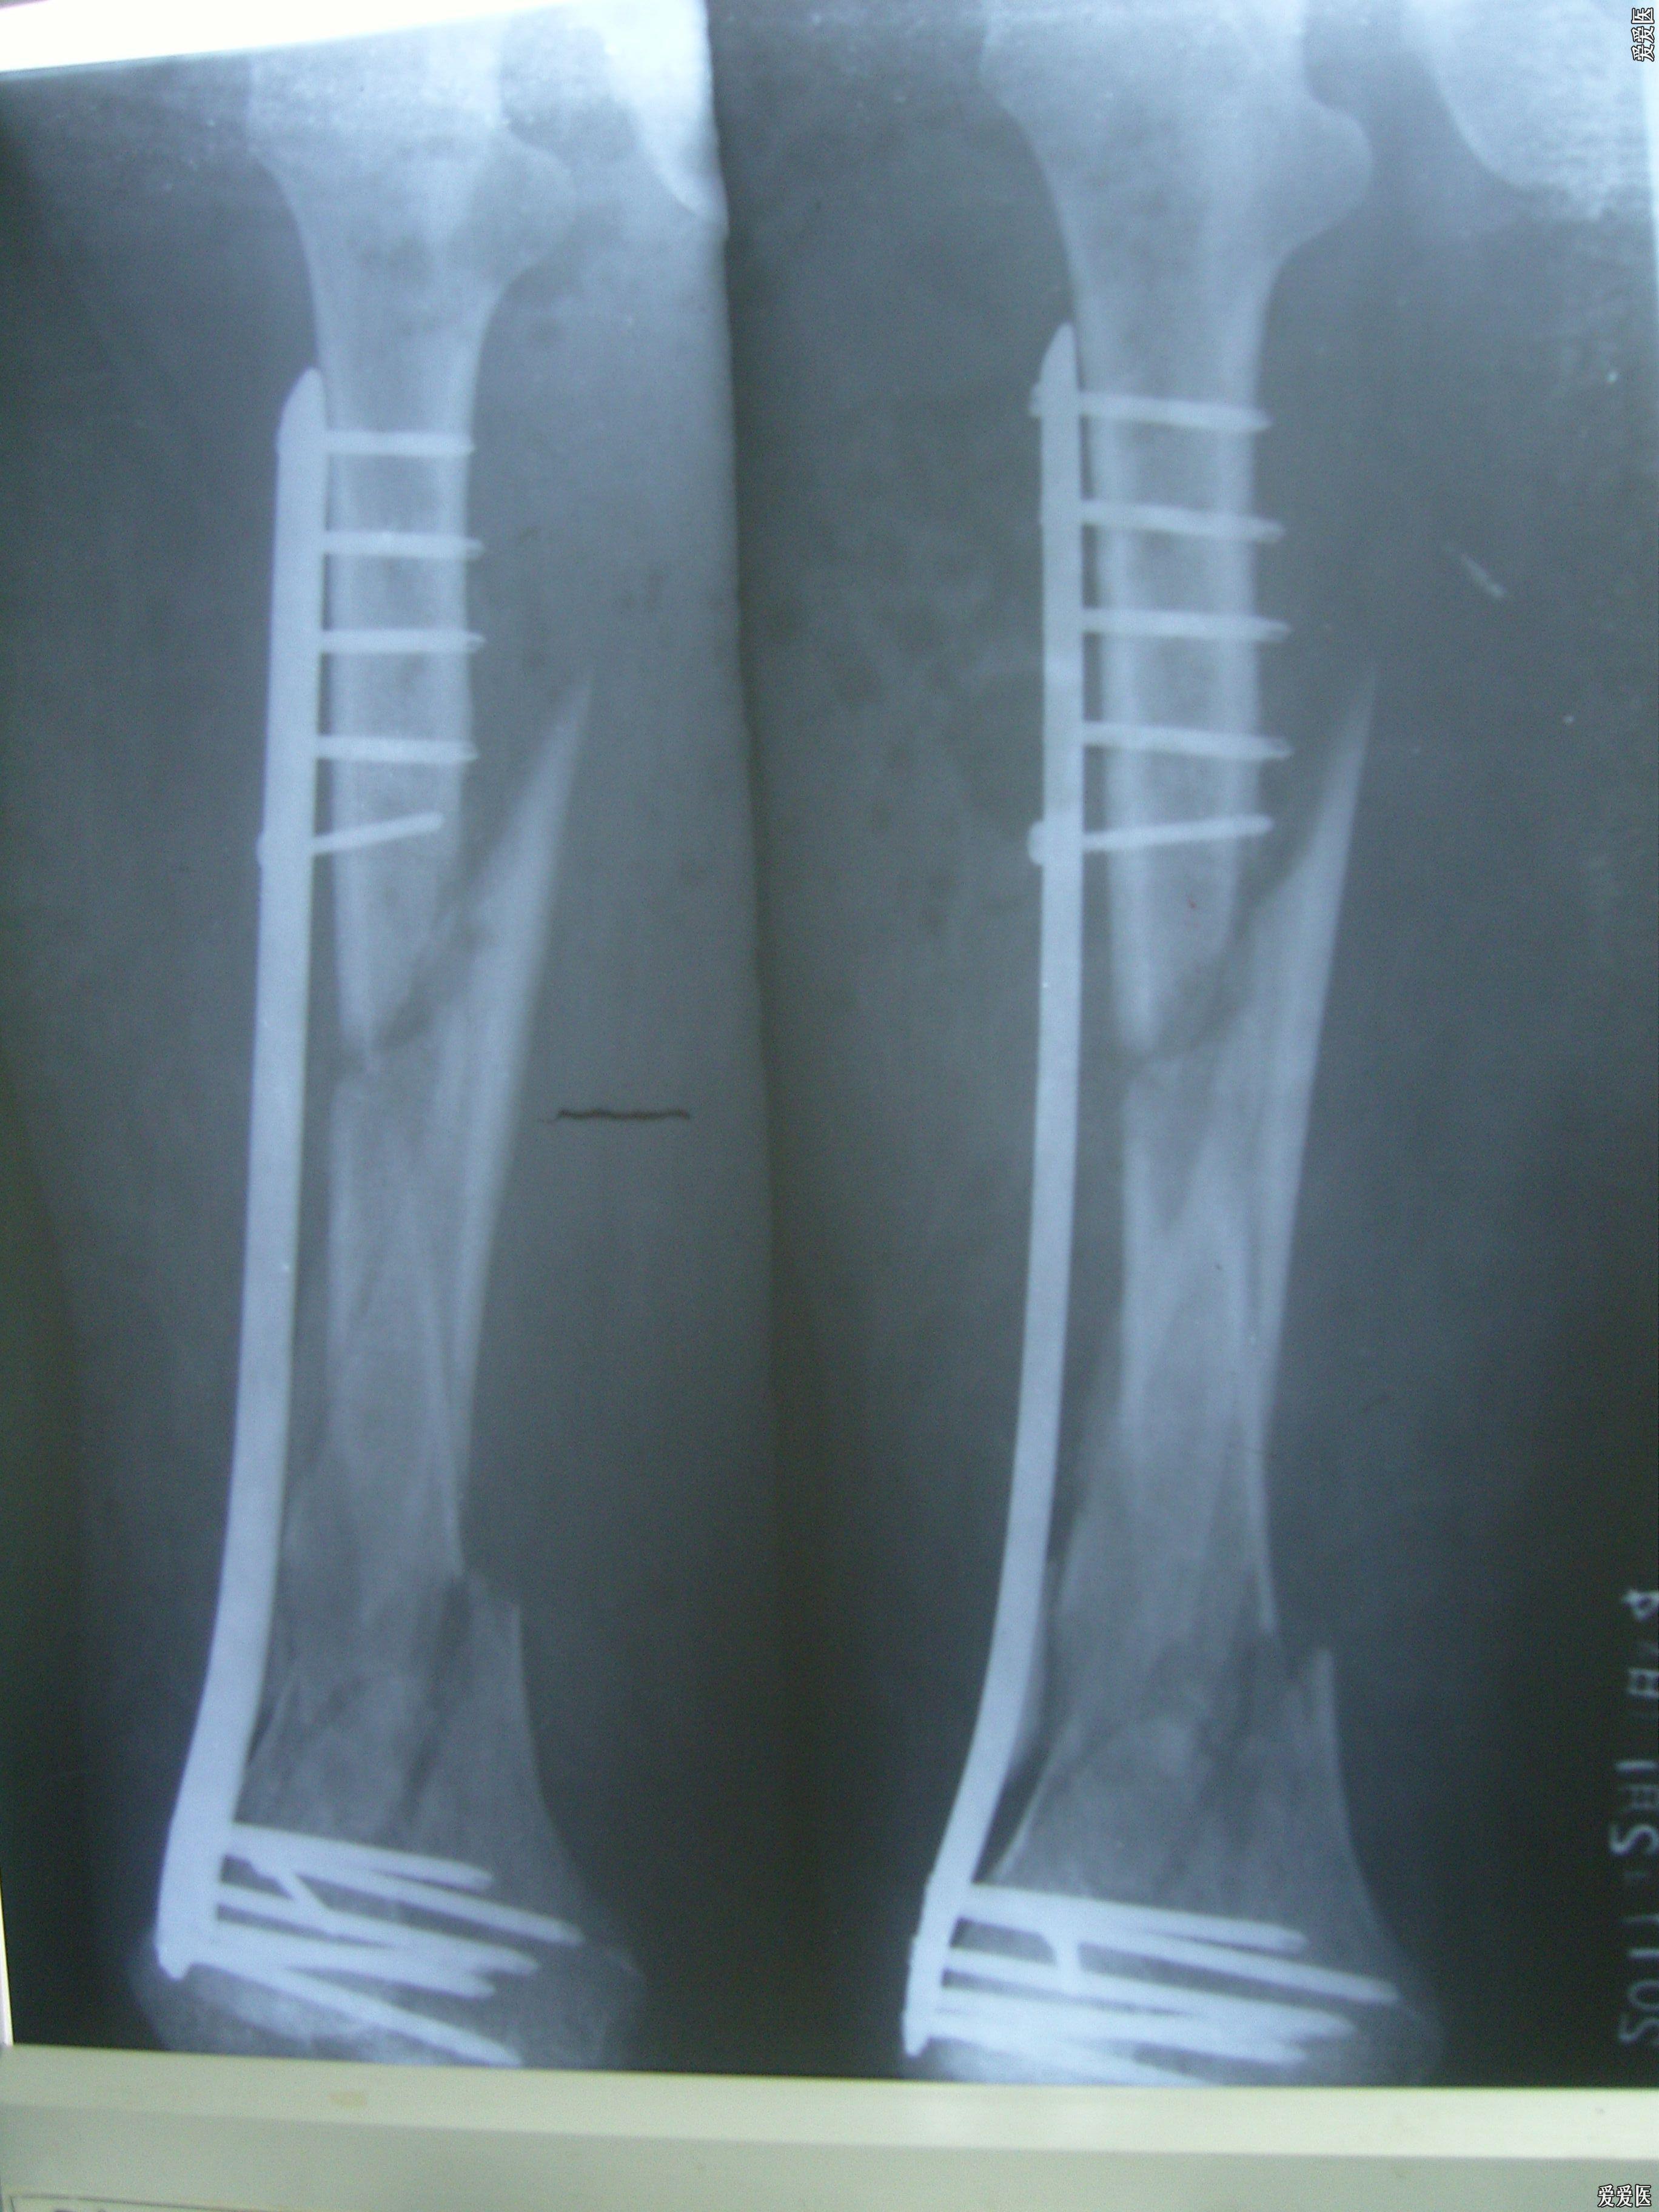 從片中可以看出,股骨中下斷螺旋形骨折,分離,要是植骨就更好了,此例病圖片